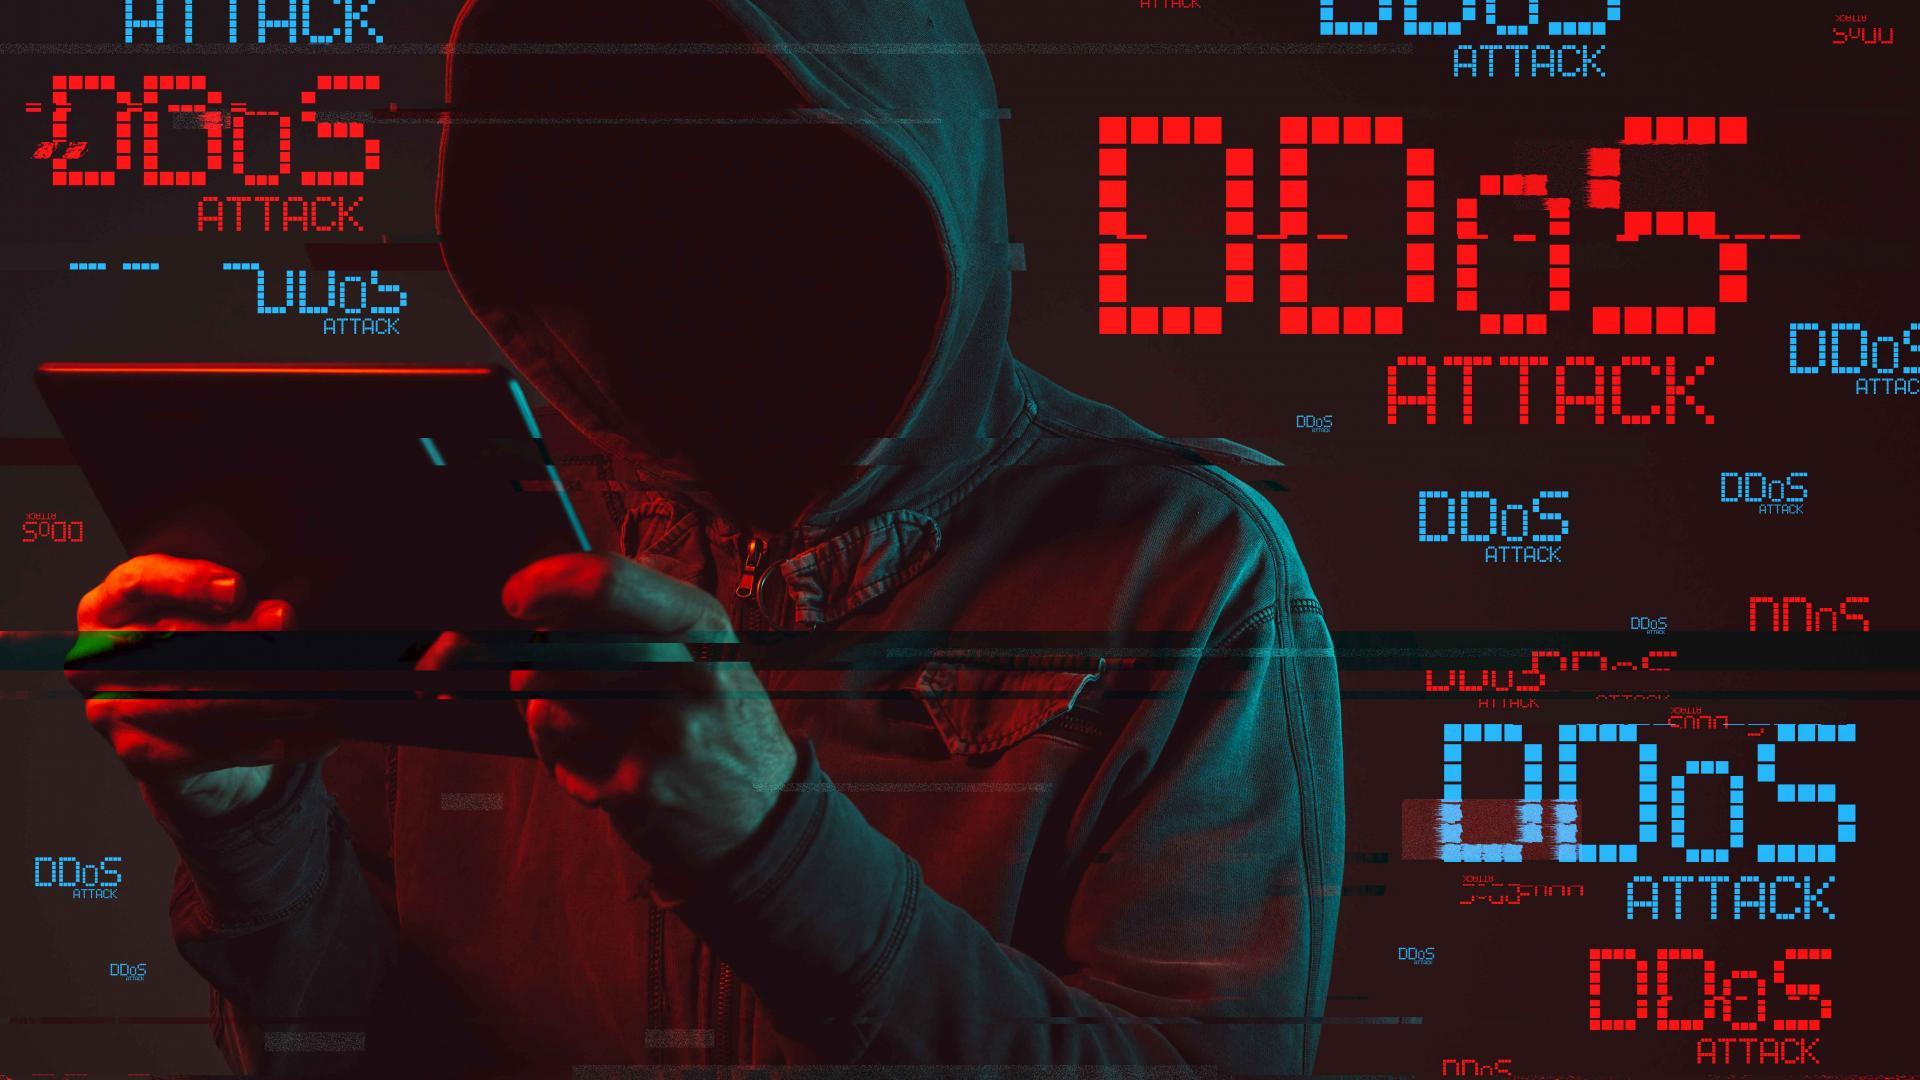 Kaspersky: Tấn công DDoS Q2 2019 tăng 18% so với Q2 2018